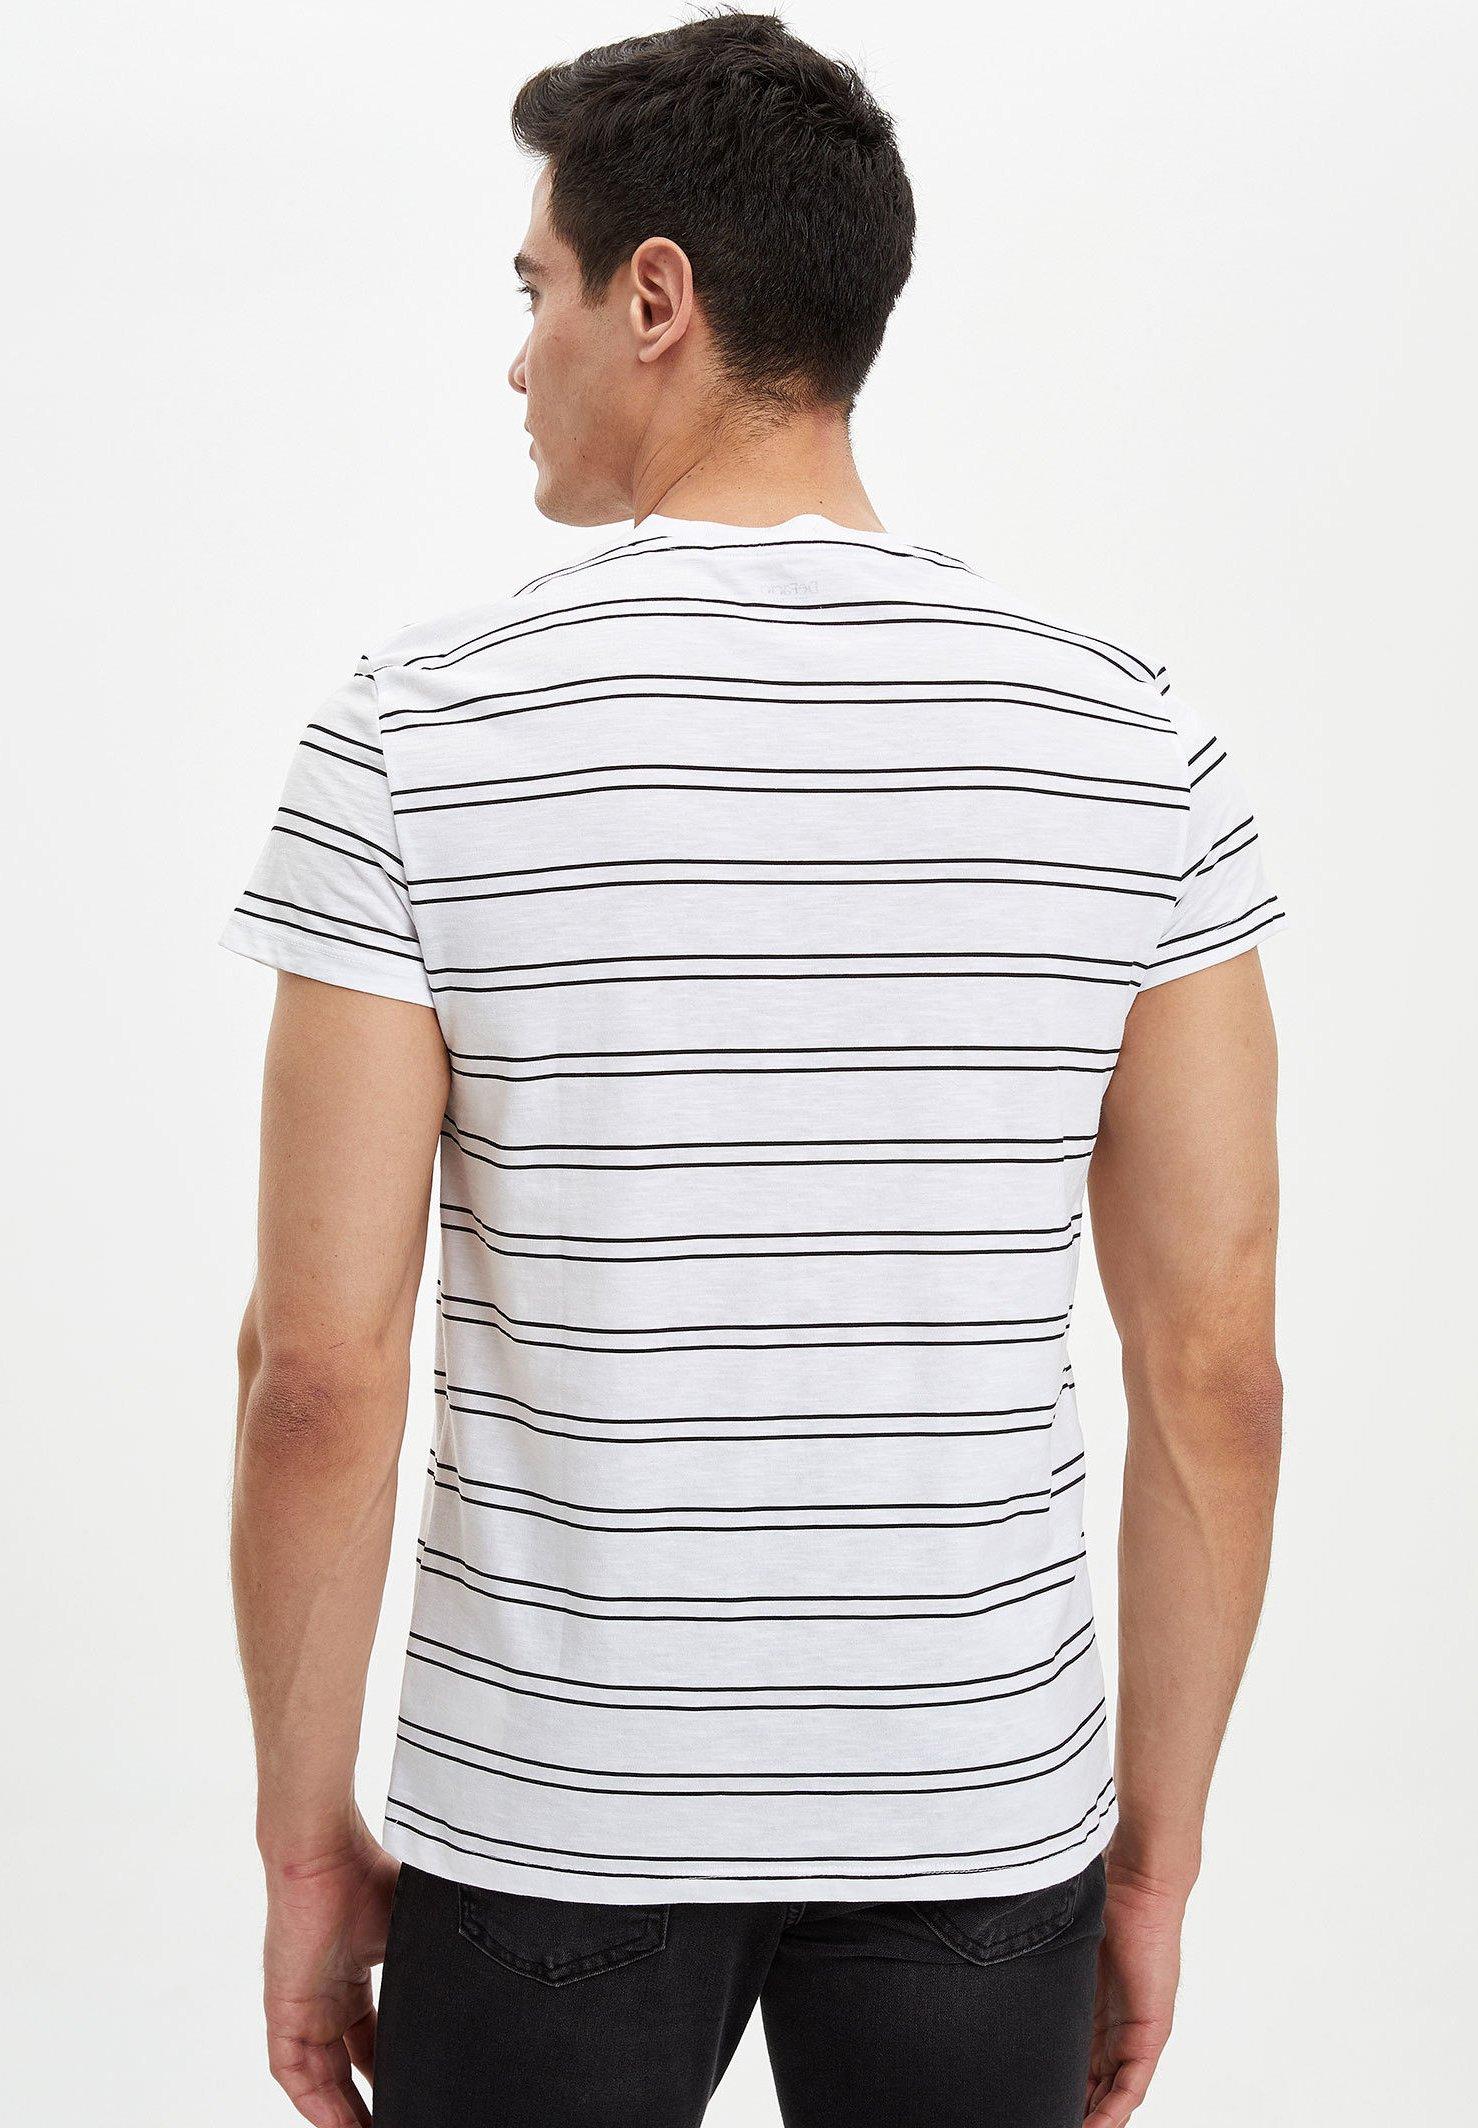 DeFacto Print T-shirt - white Tgdve